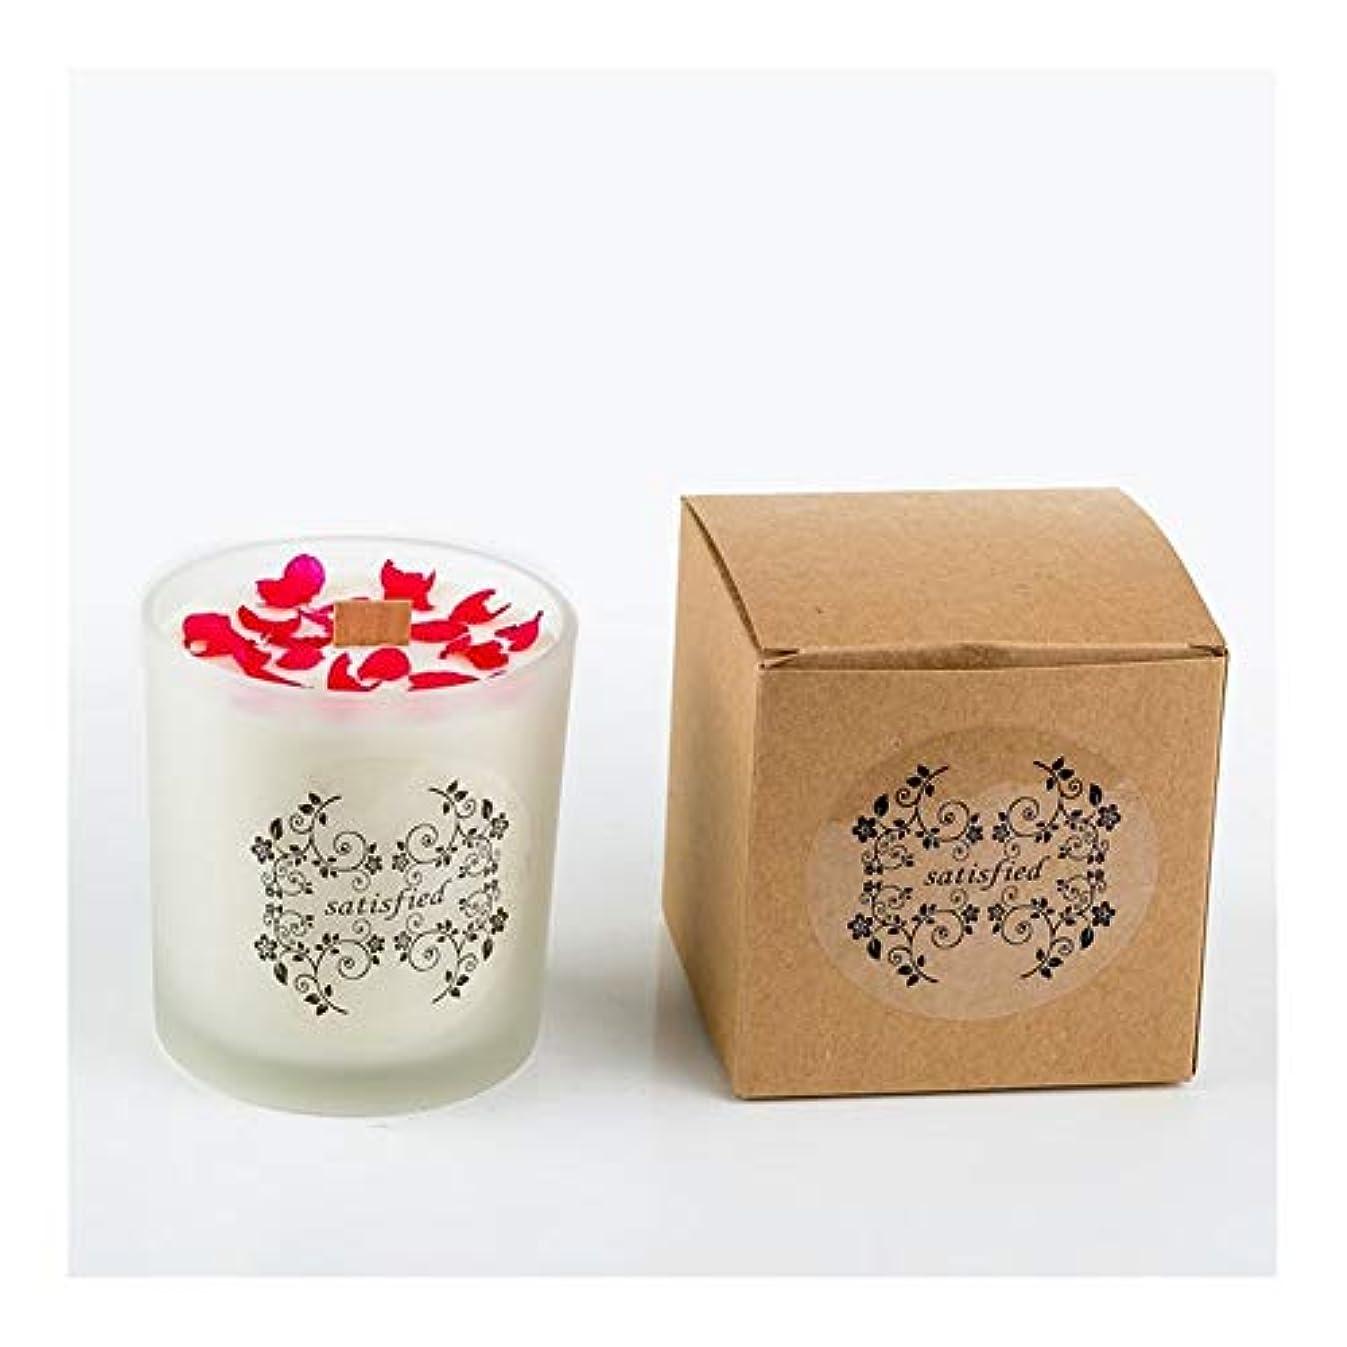 受け入れ請負業者テストZtian ロマンチックな香りのキャンドルエッセンシャルオイル大豆ワックスガラスアロマセラピーロマンチックな誕生日ギフトの提案無煙の香り (色 : Xiang Xuelan)